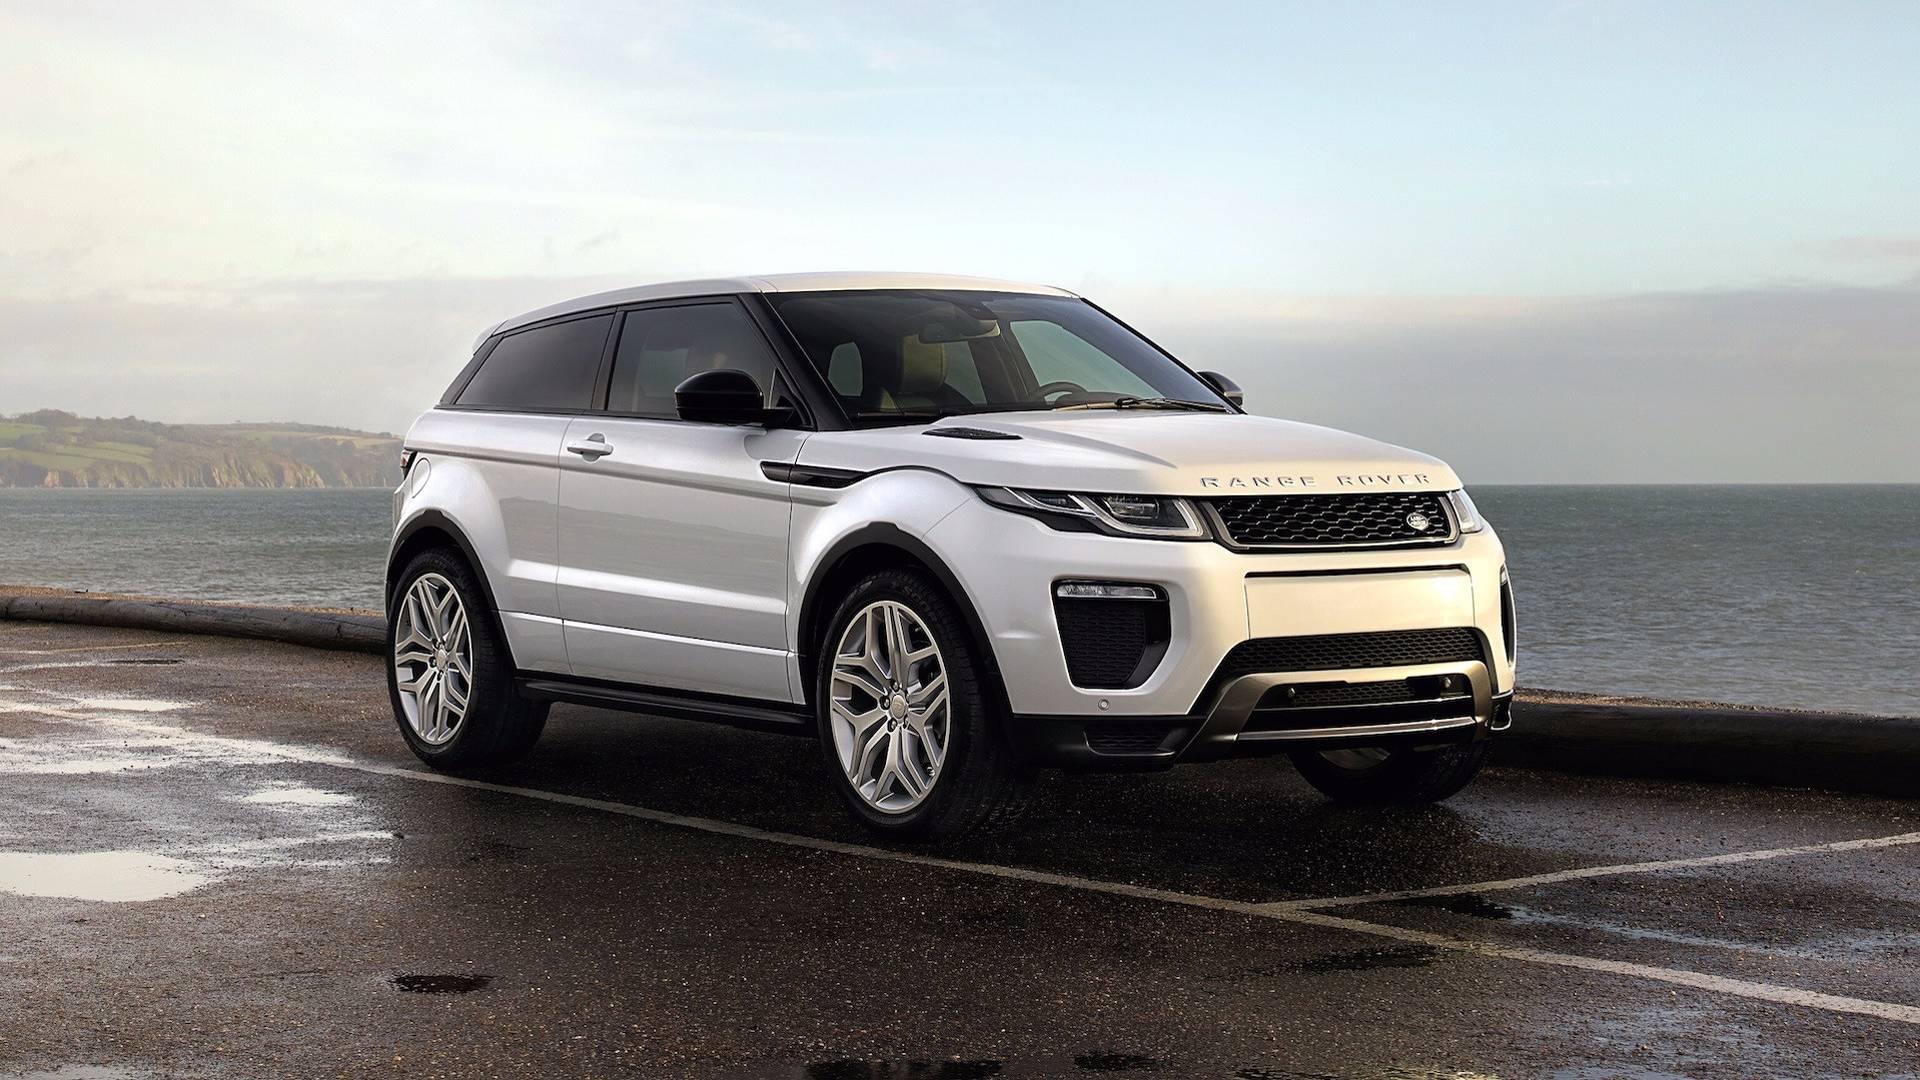 Three Door Range Rover Evoque Axed In The U S